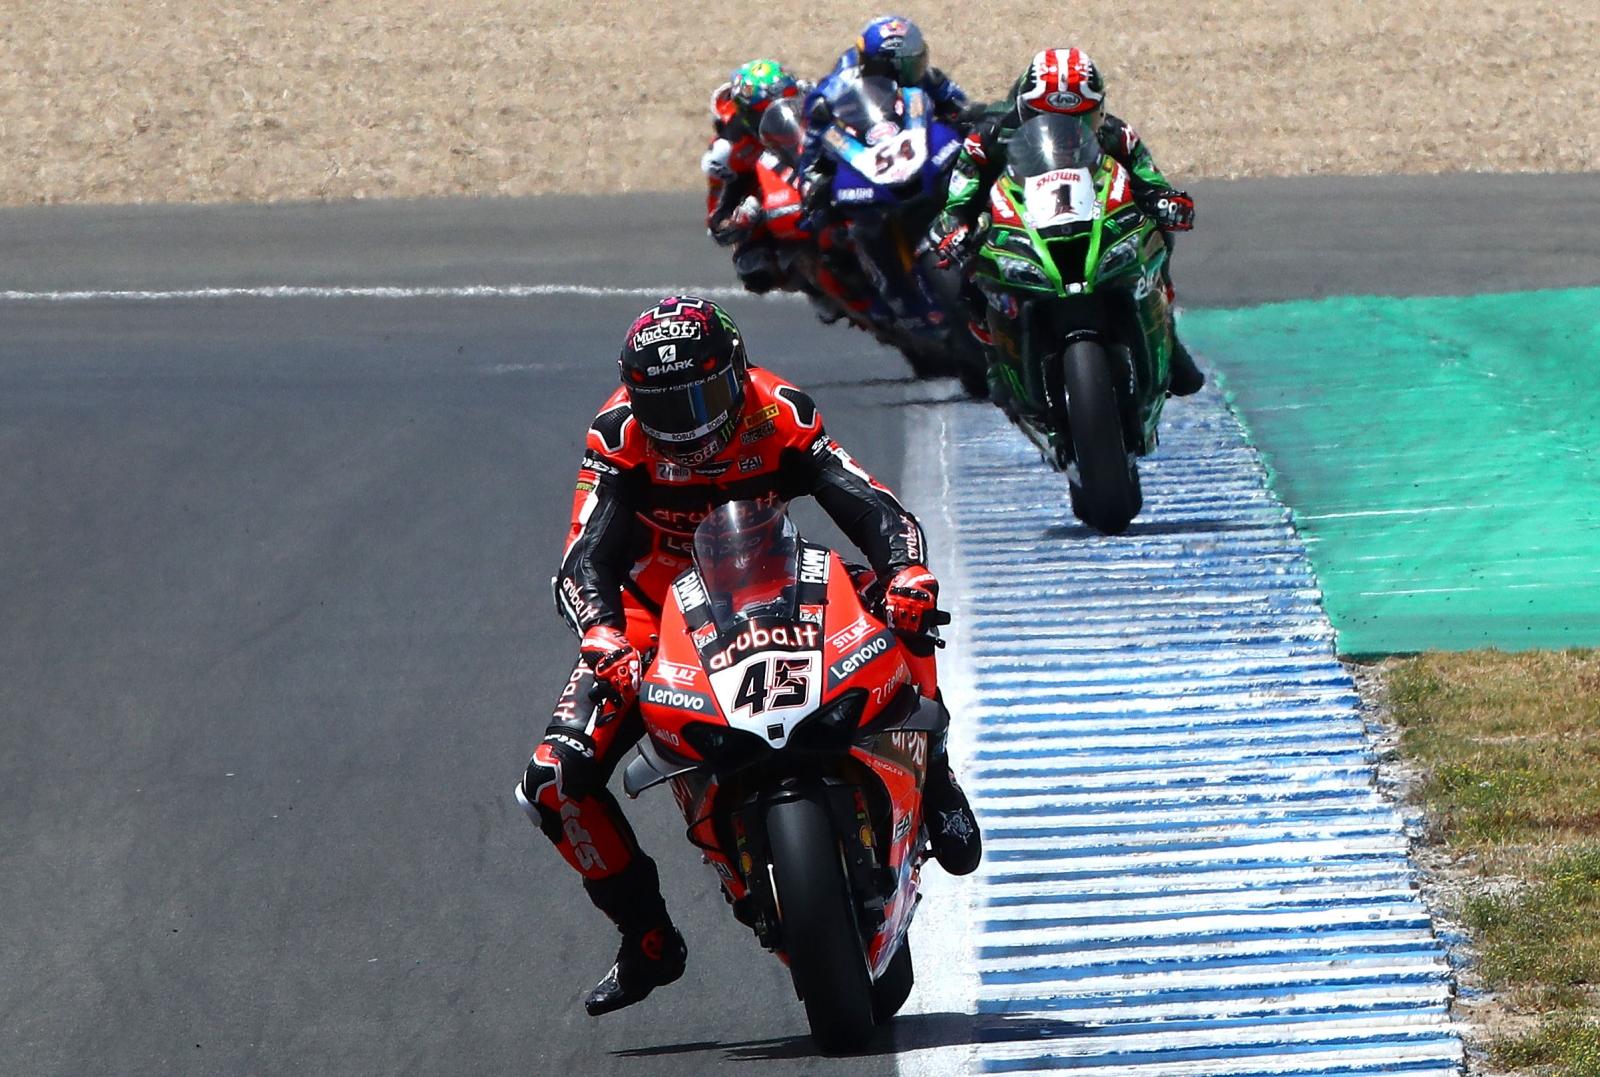 WorldSBK España 2020: Fotos de Superbike, Supersport y Supersport 300